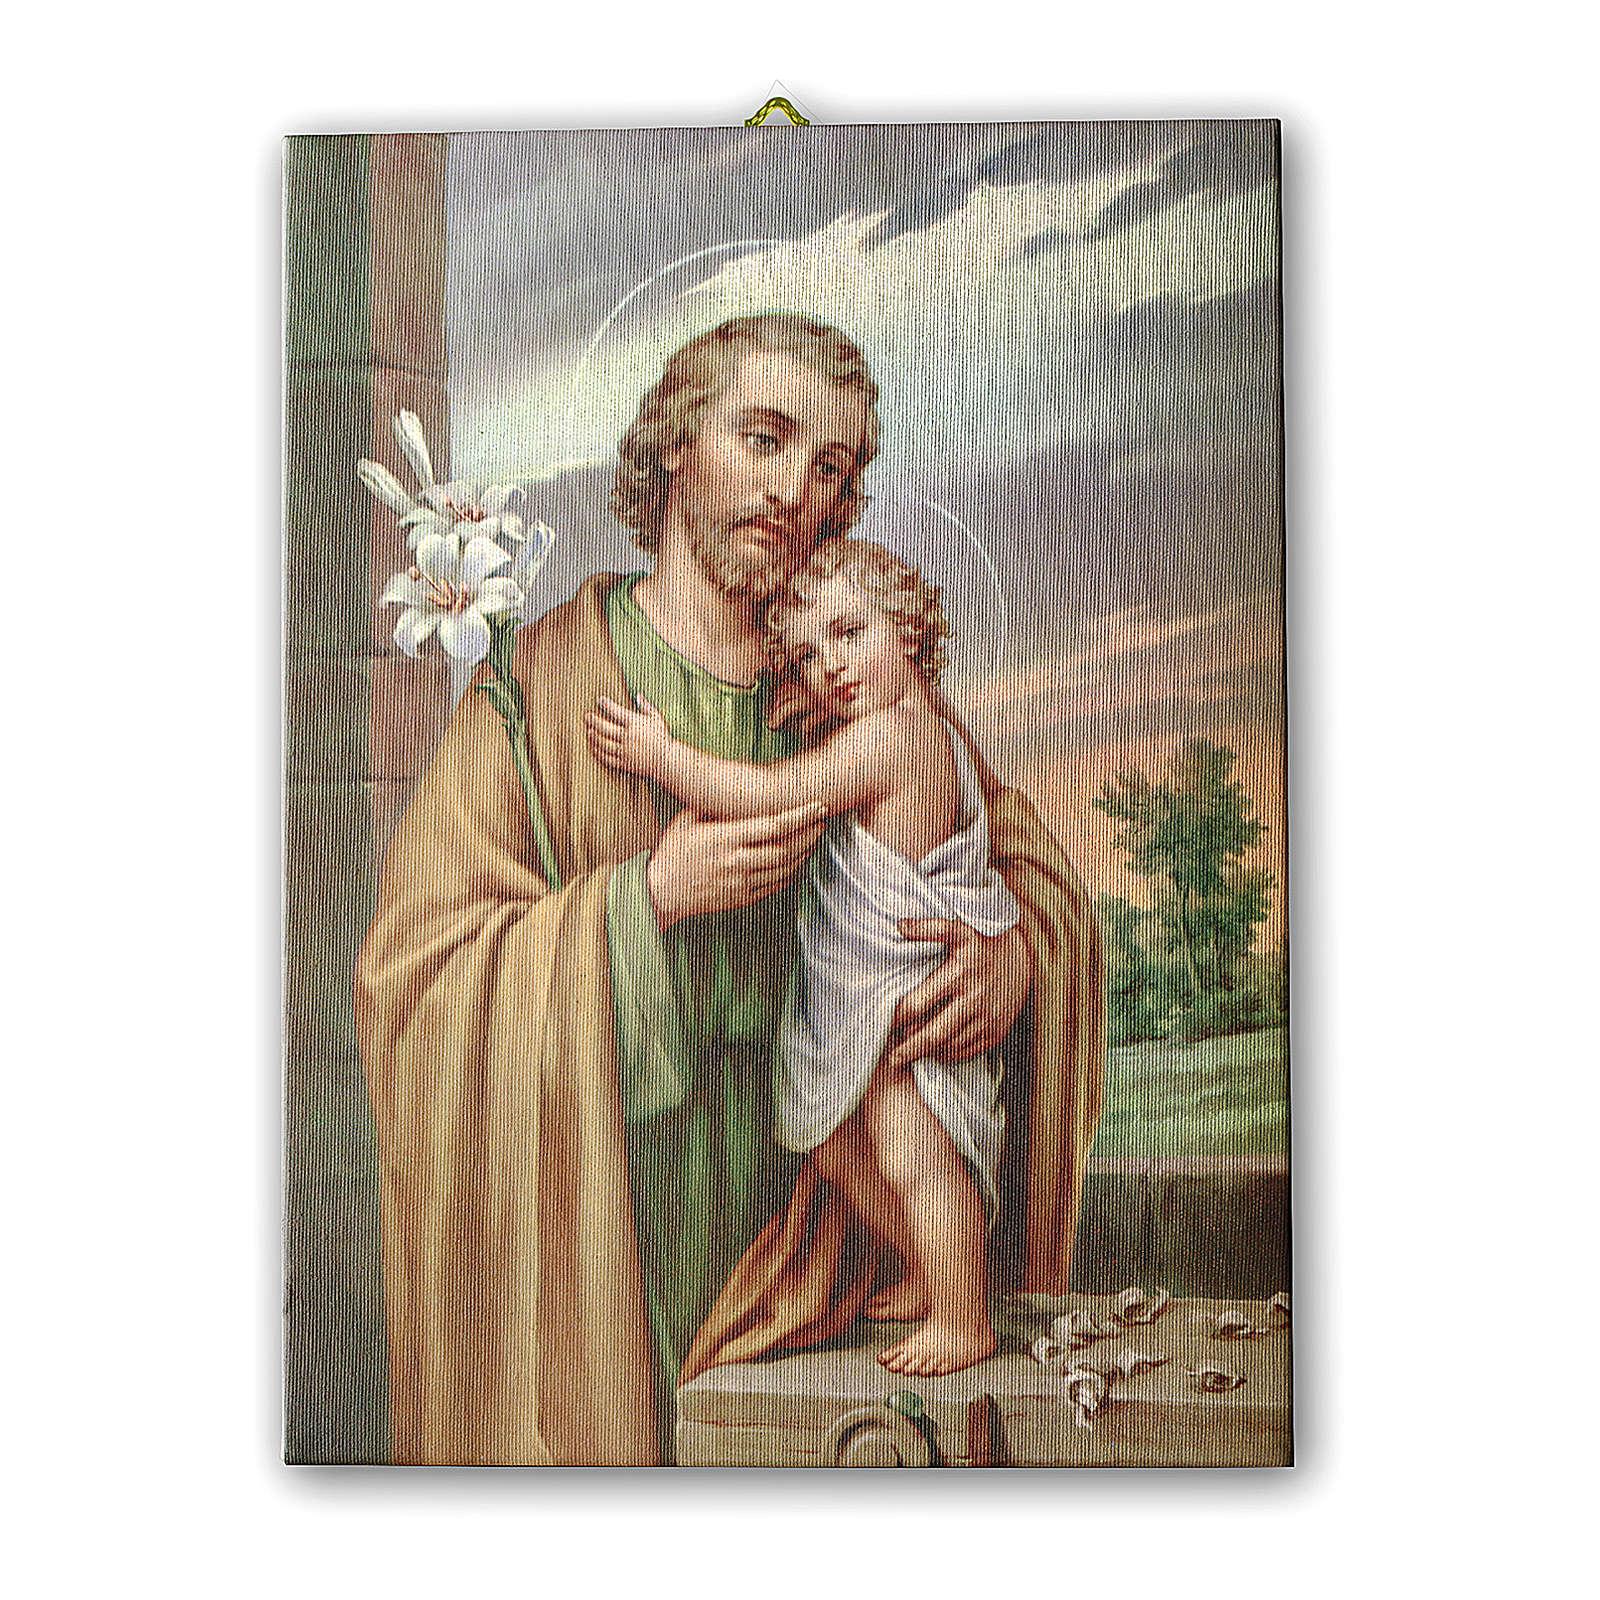 Bild auf Leinwand Heiliger Josef 25x20 cm 3